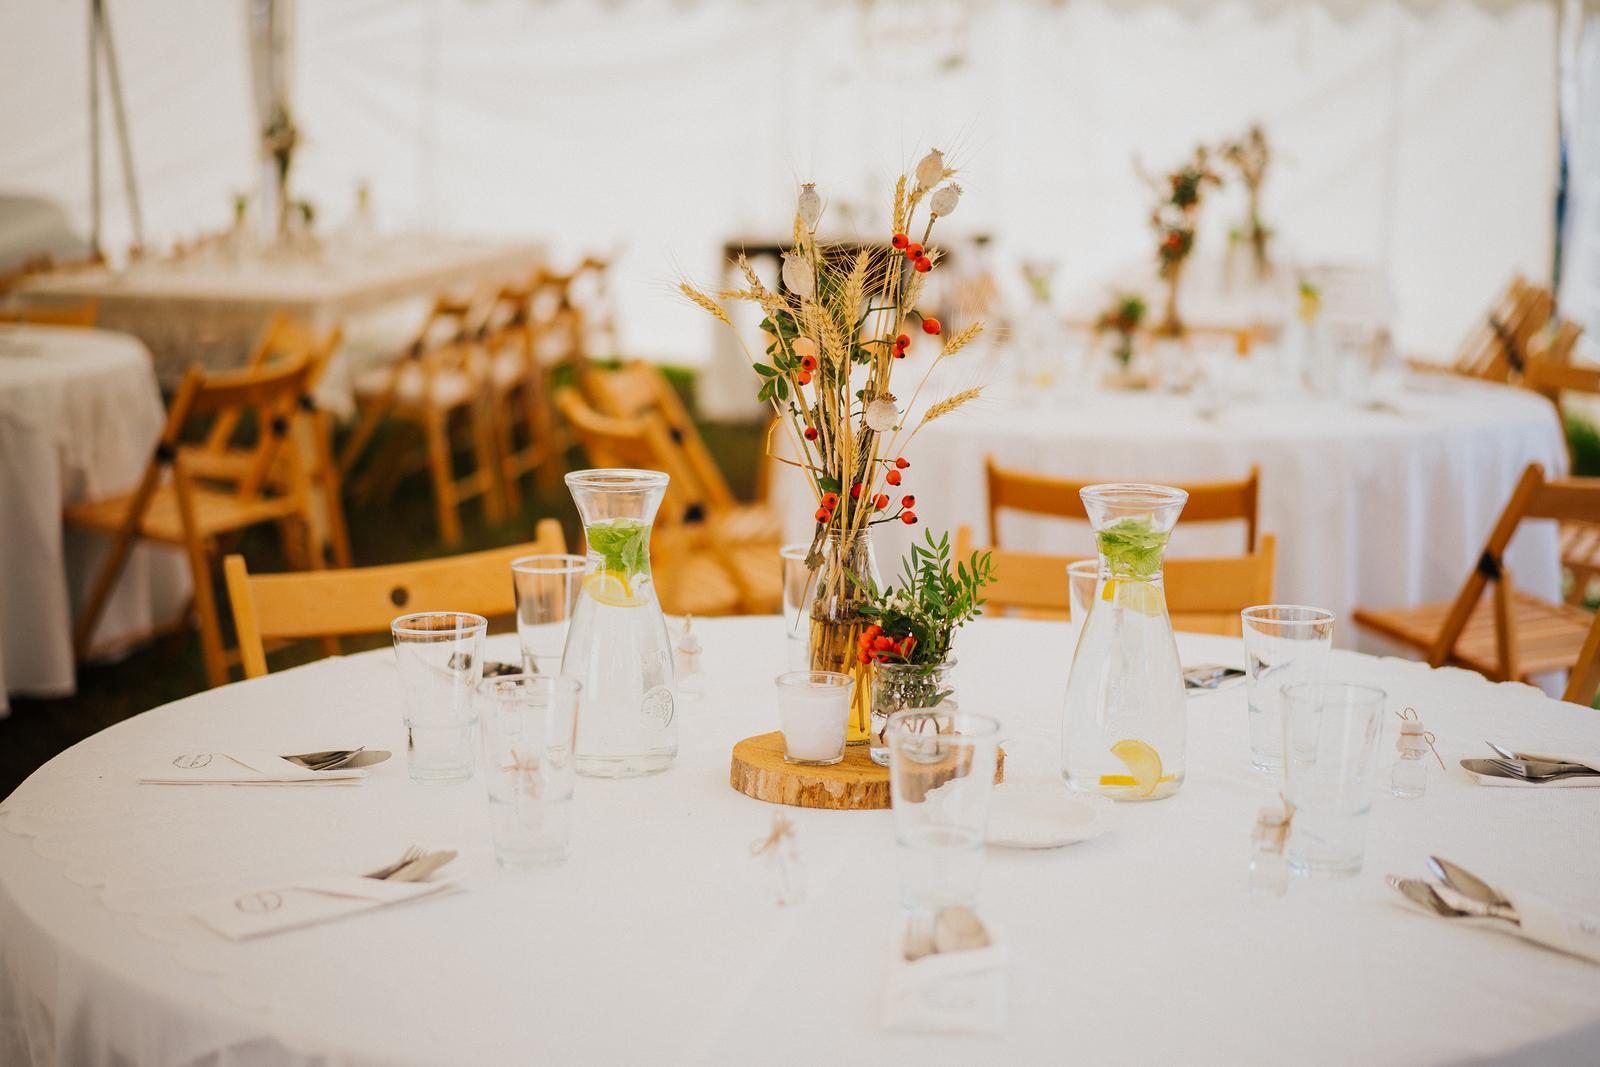 Vázičky na stoly - Obrázek č. 1